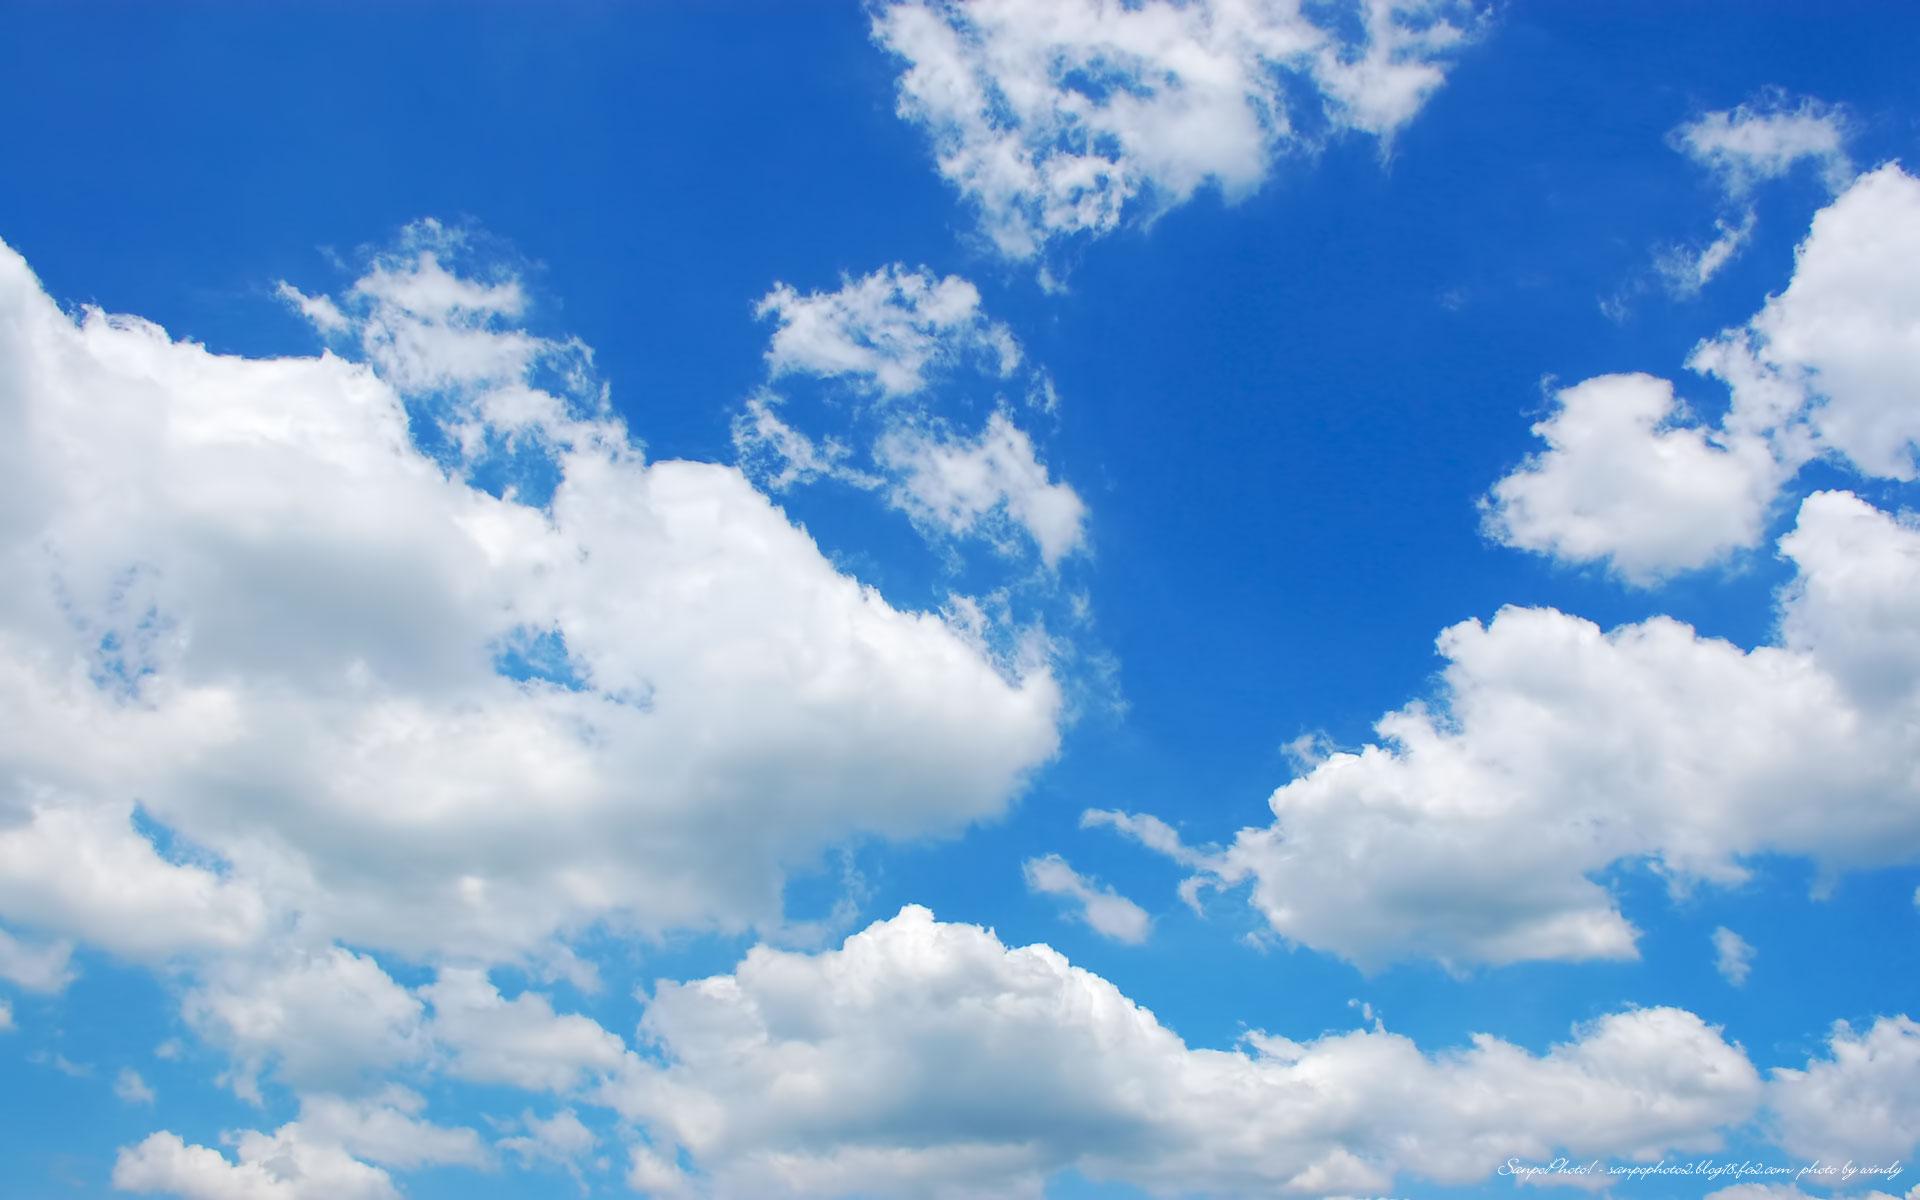 さんぽふぉと Sanpophoto 無料壁紙 青空と雲